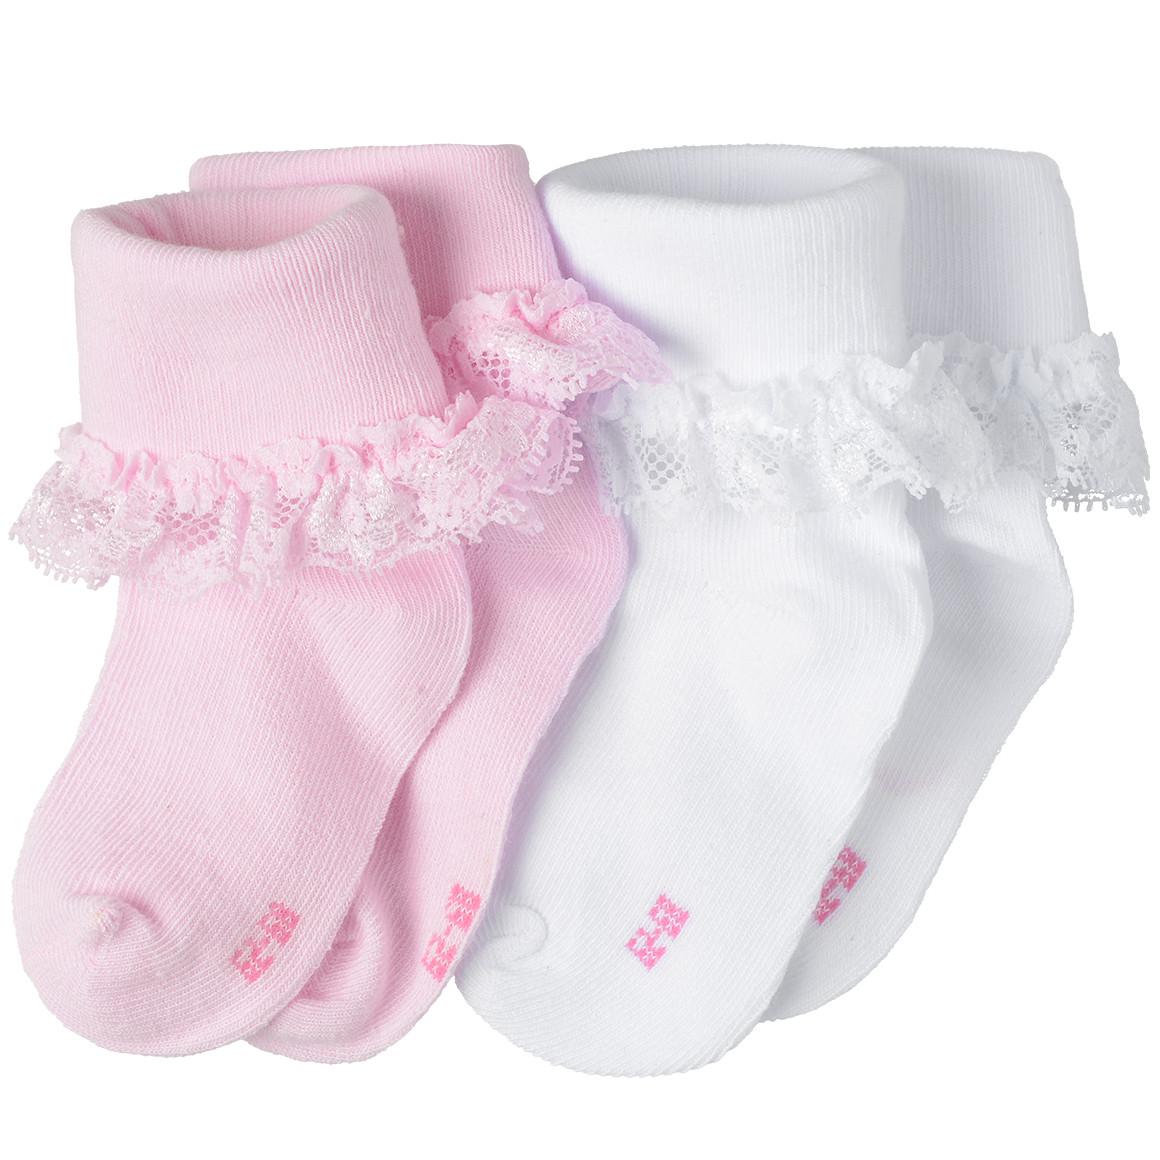 2 Paar Baby Socken mit Rüschen